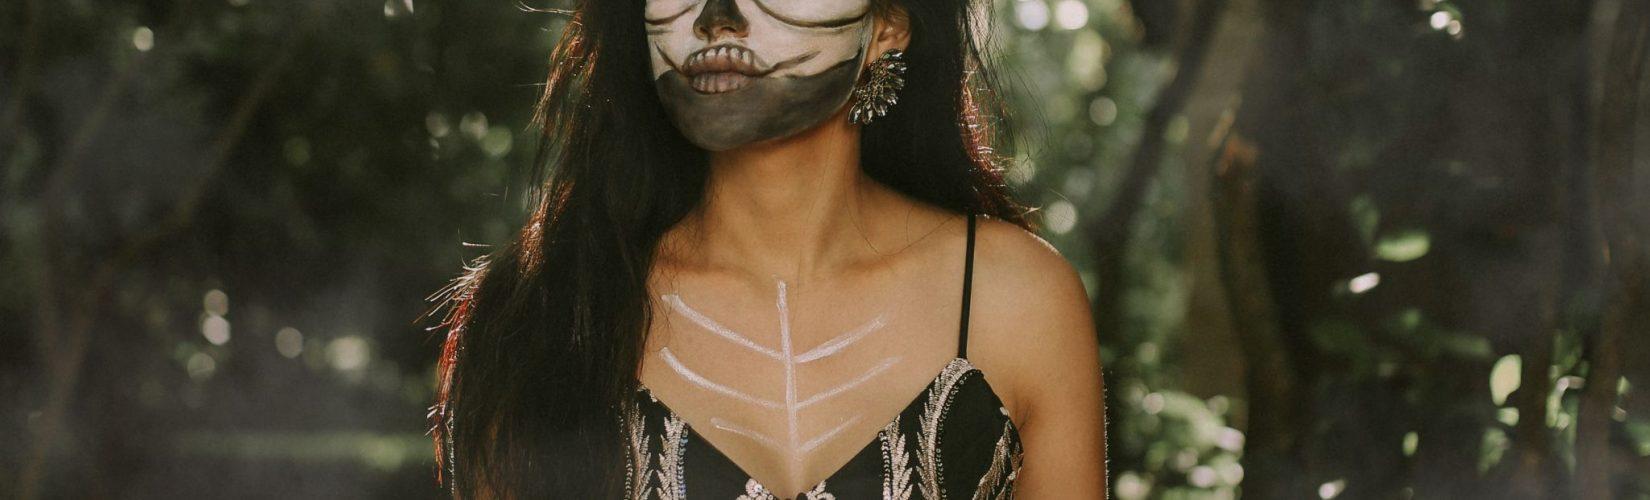 Skeleton Halloween Costume Idea